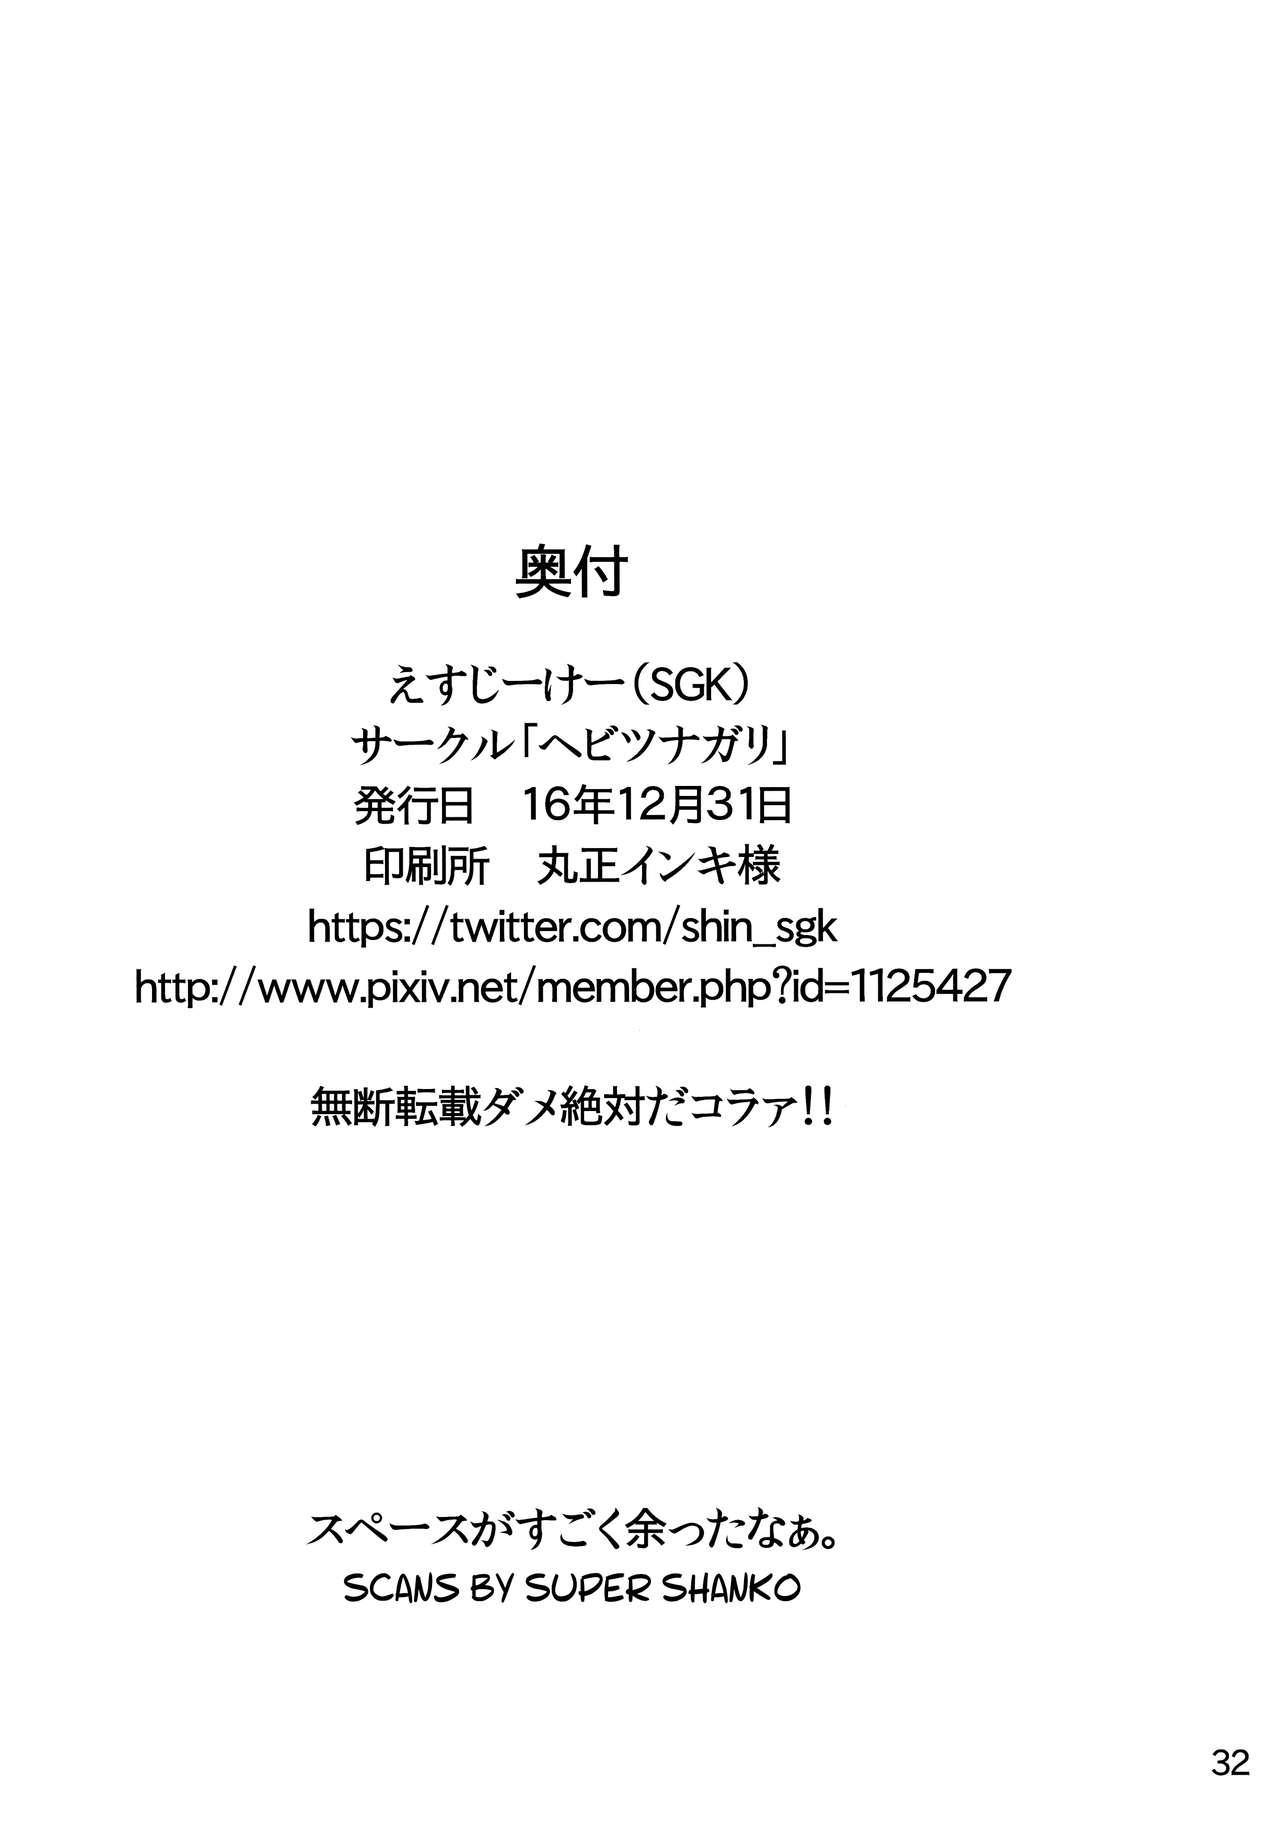 Shinobi no Musume wa Ijiritai Zakari 2 32